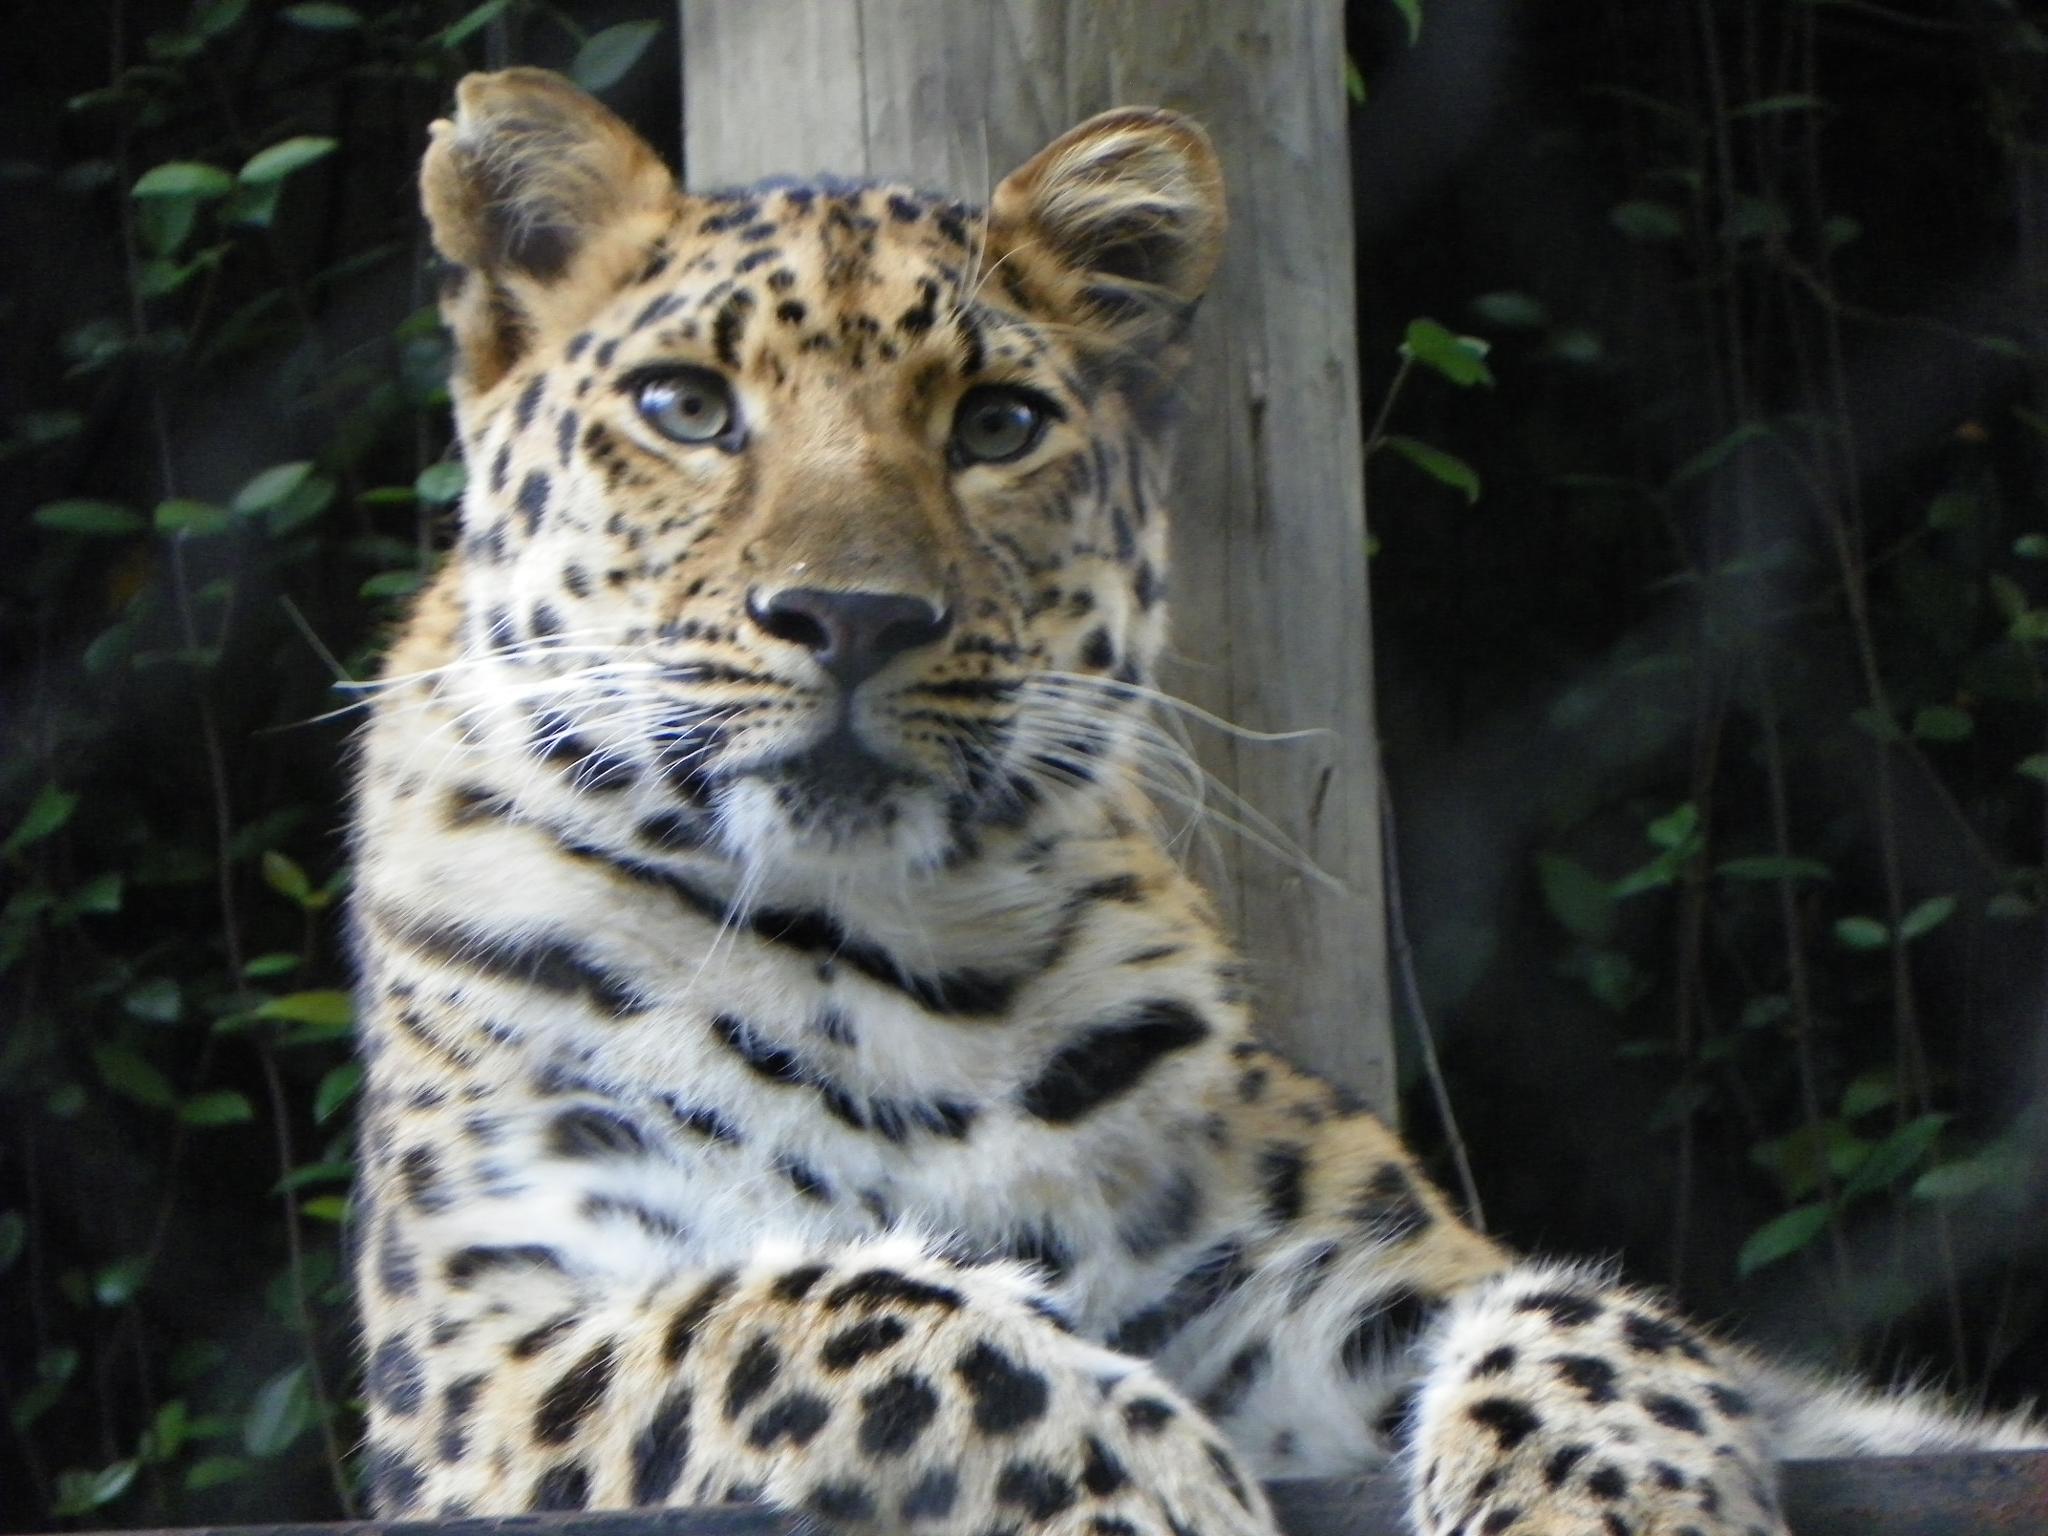 Amur Leopard by lisa.m.sanchez53